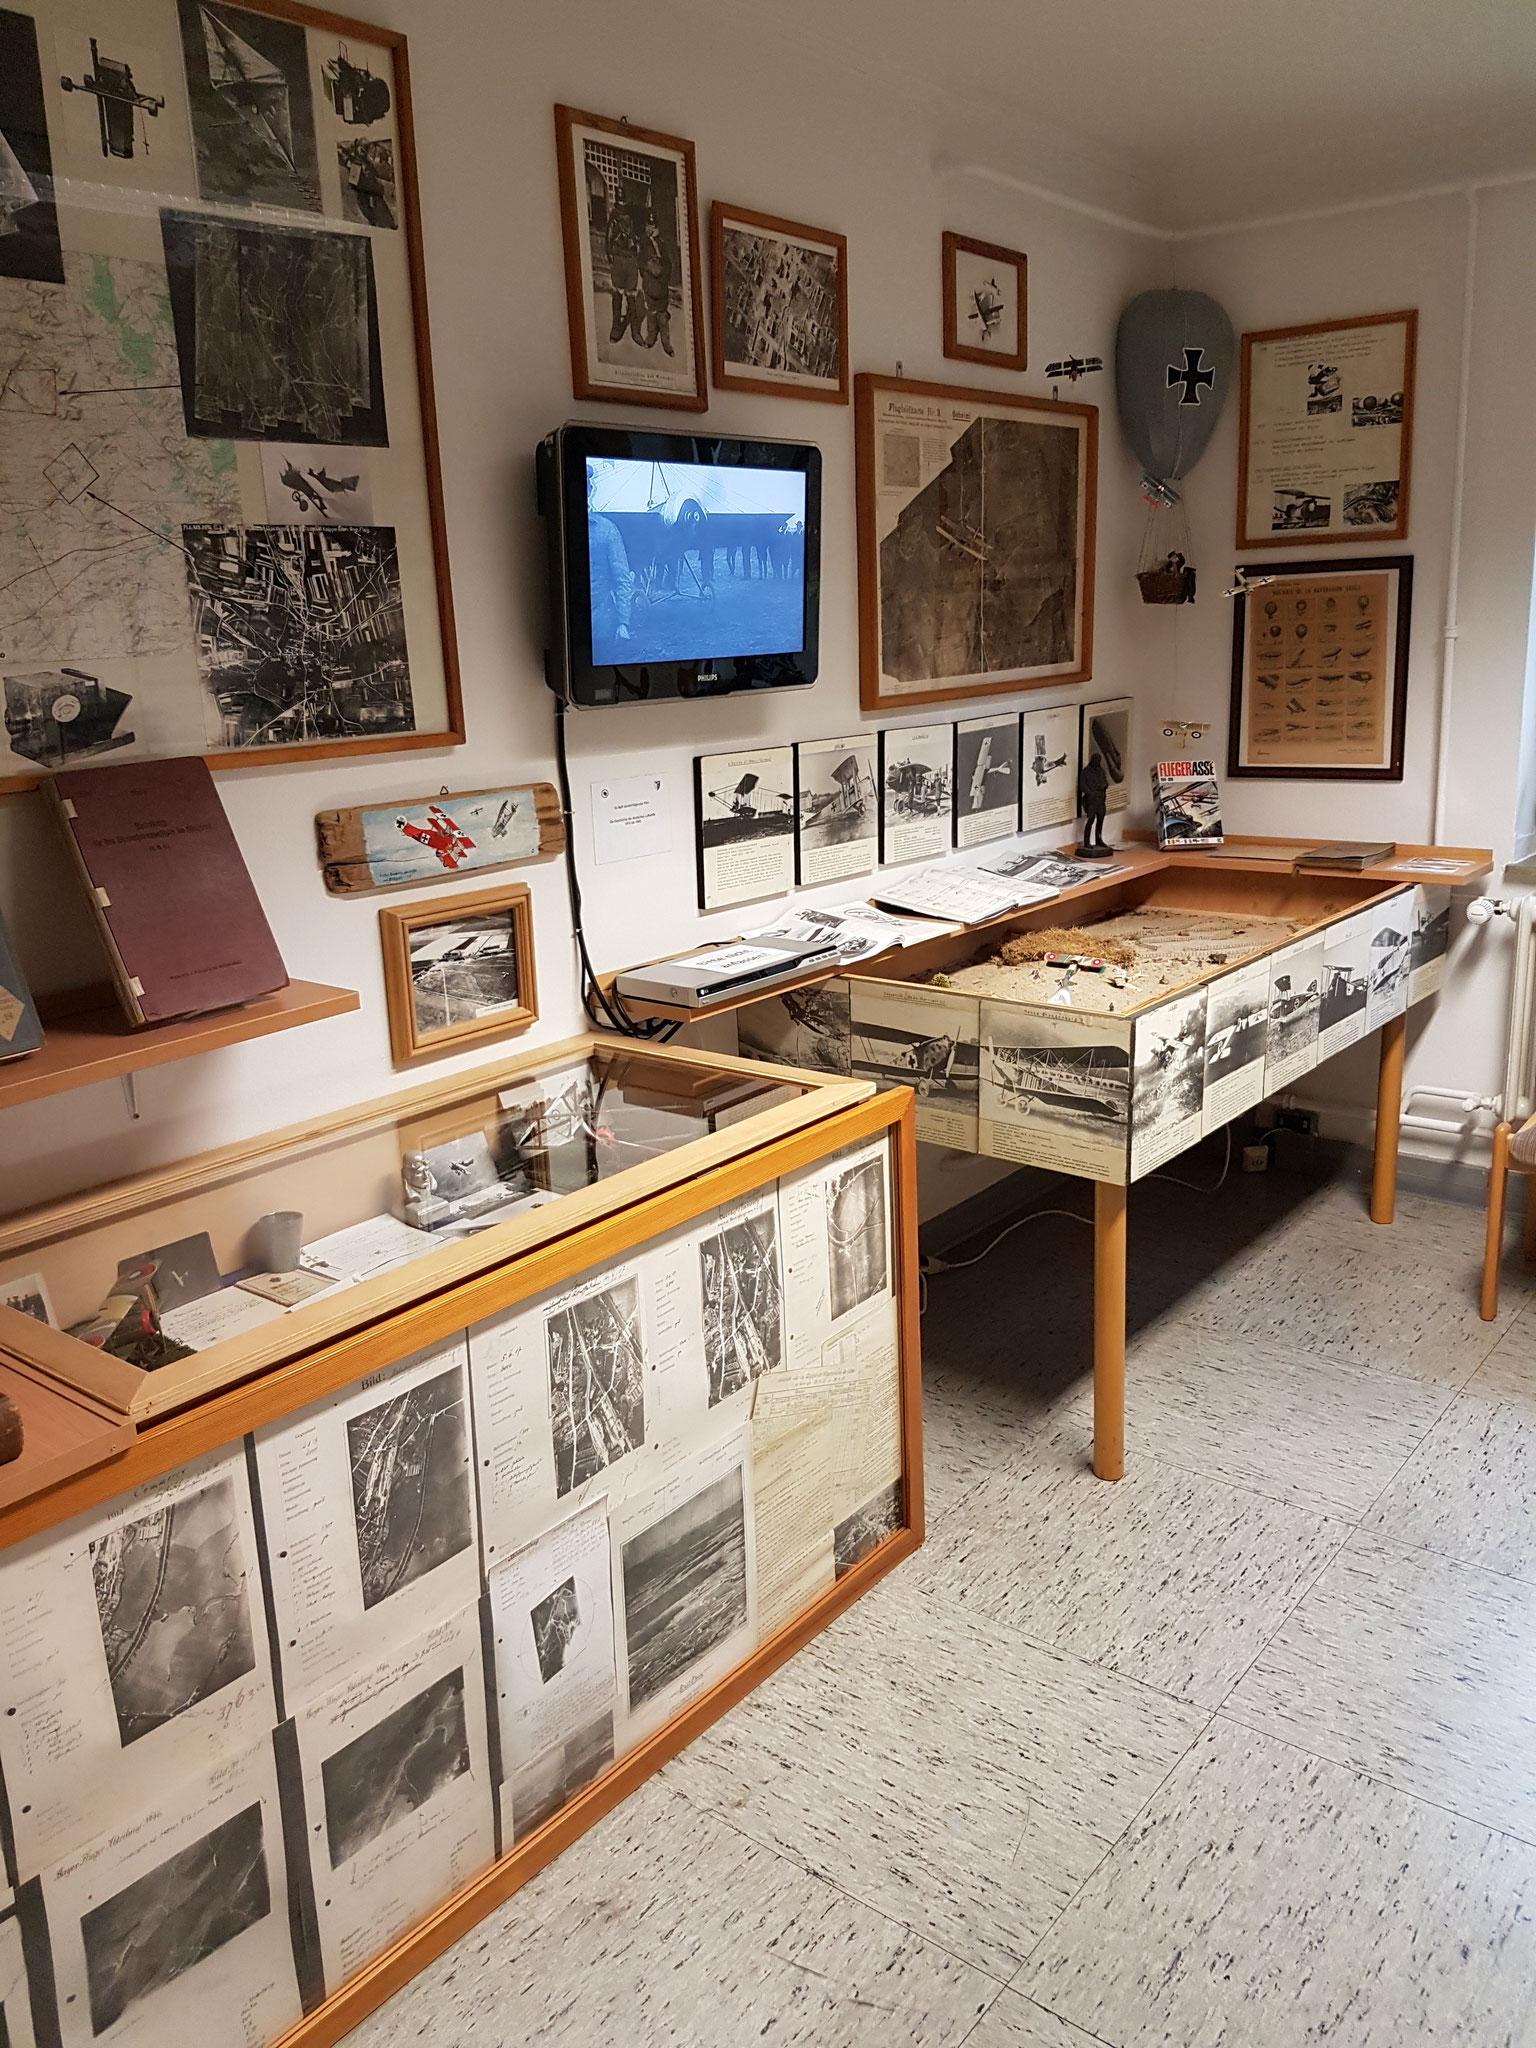 Ausstellungsabschnitt 7 - Die Geschichte der Taktischen Luftaufklärung 1914 bis 1945